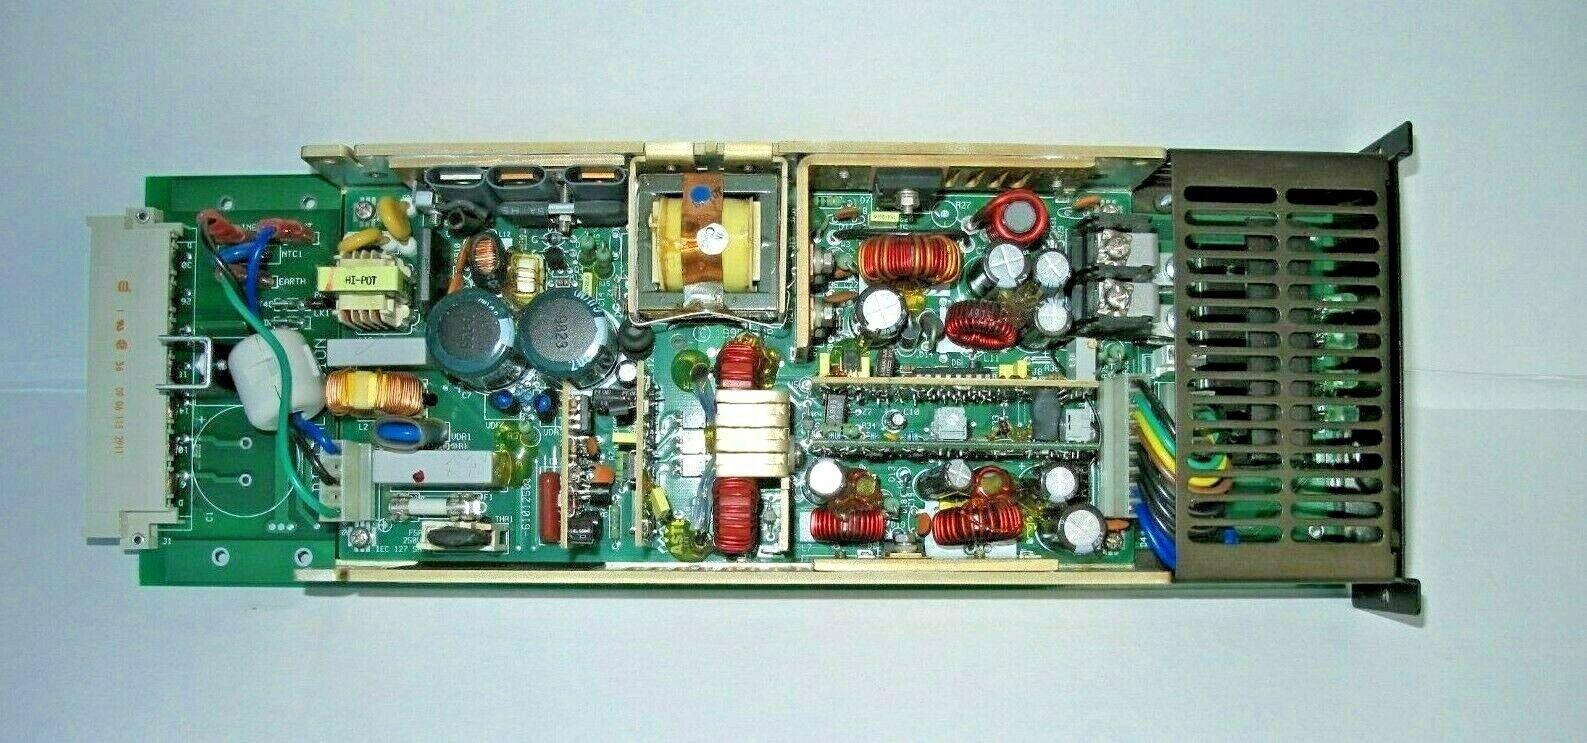 ASTEC LPQ153 DC Power Congreener Digital Vision